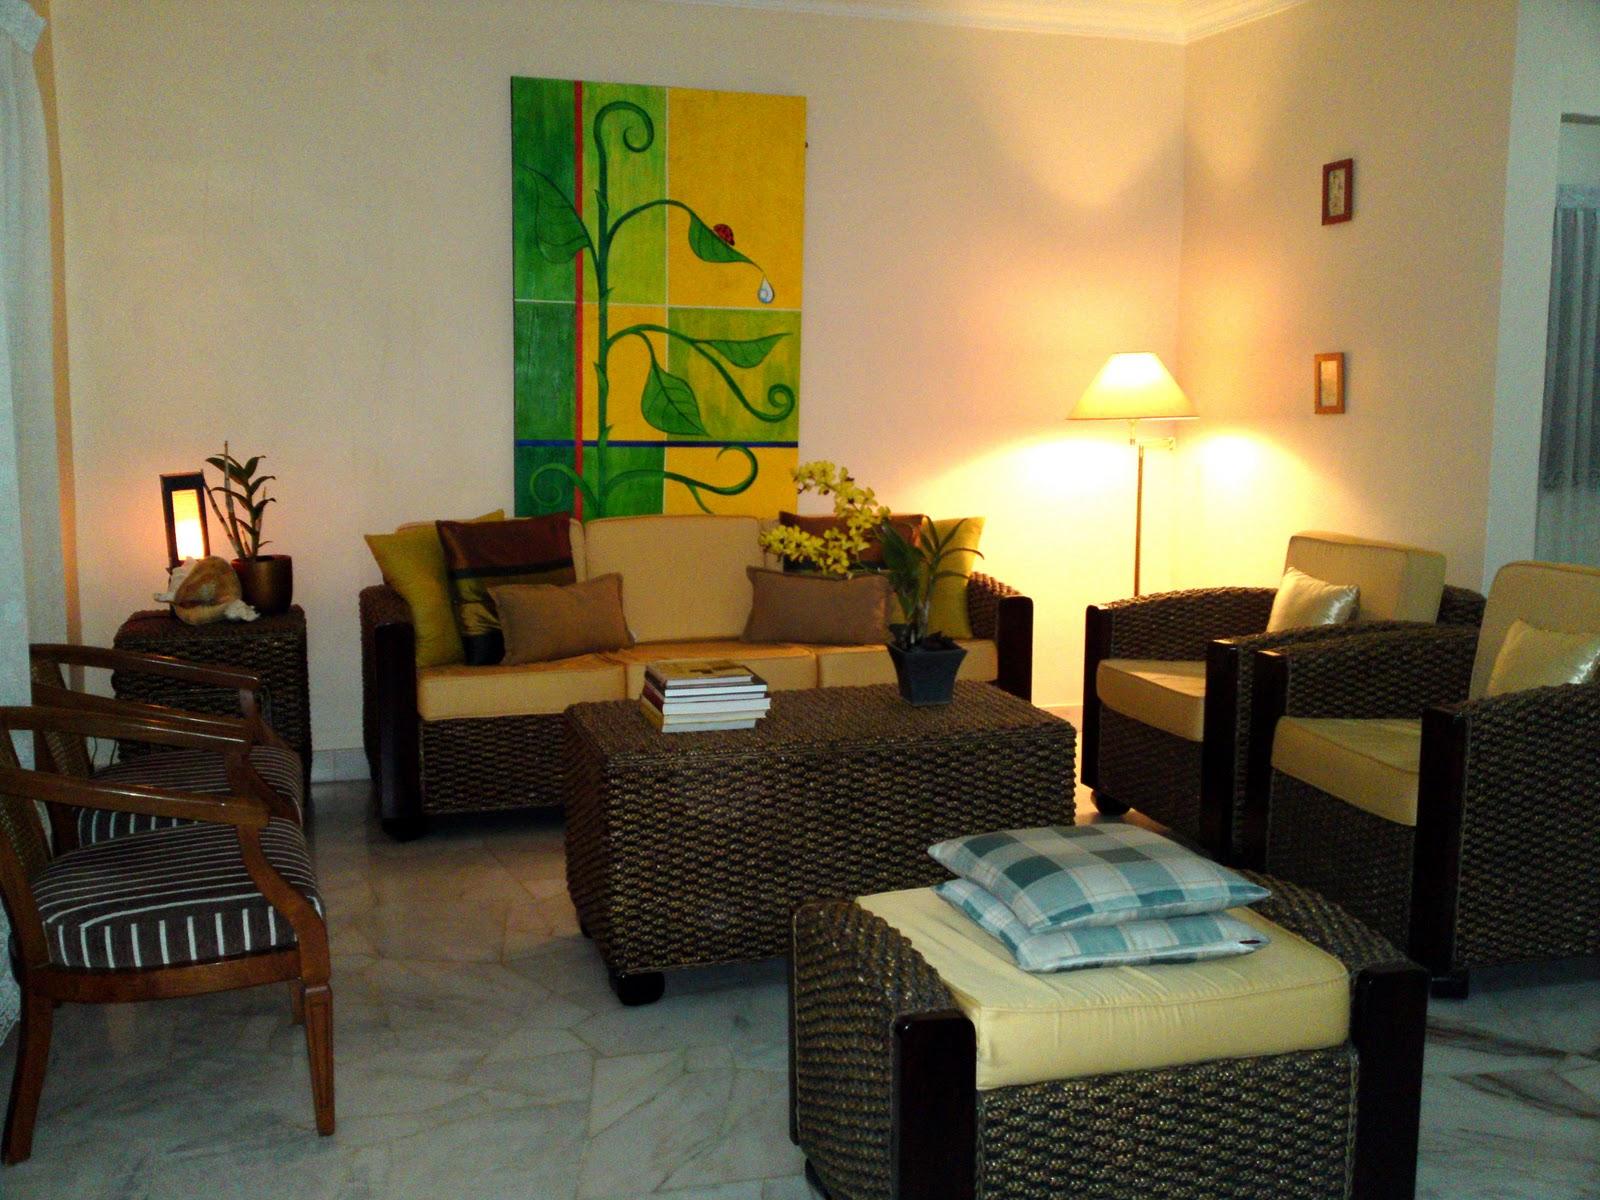 Desain Ruang Tamu Flat Inspirasi Desain Rumah Dan FurnitureTerbaik